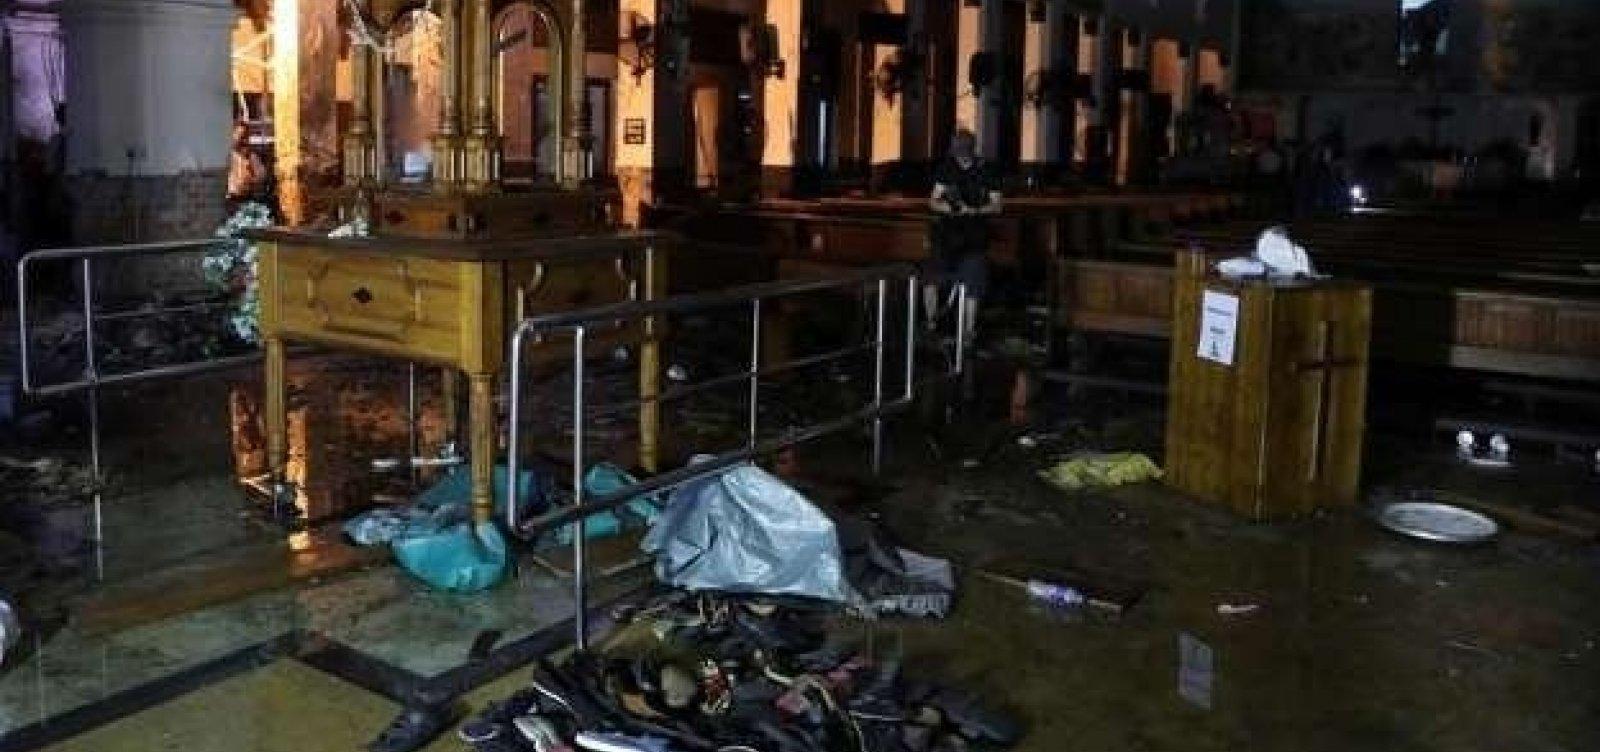 [Ao menos 15 morrem depois de ação contra terroristas no Sri Lanka]